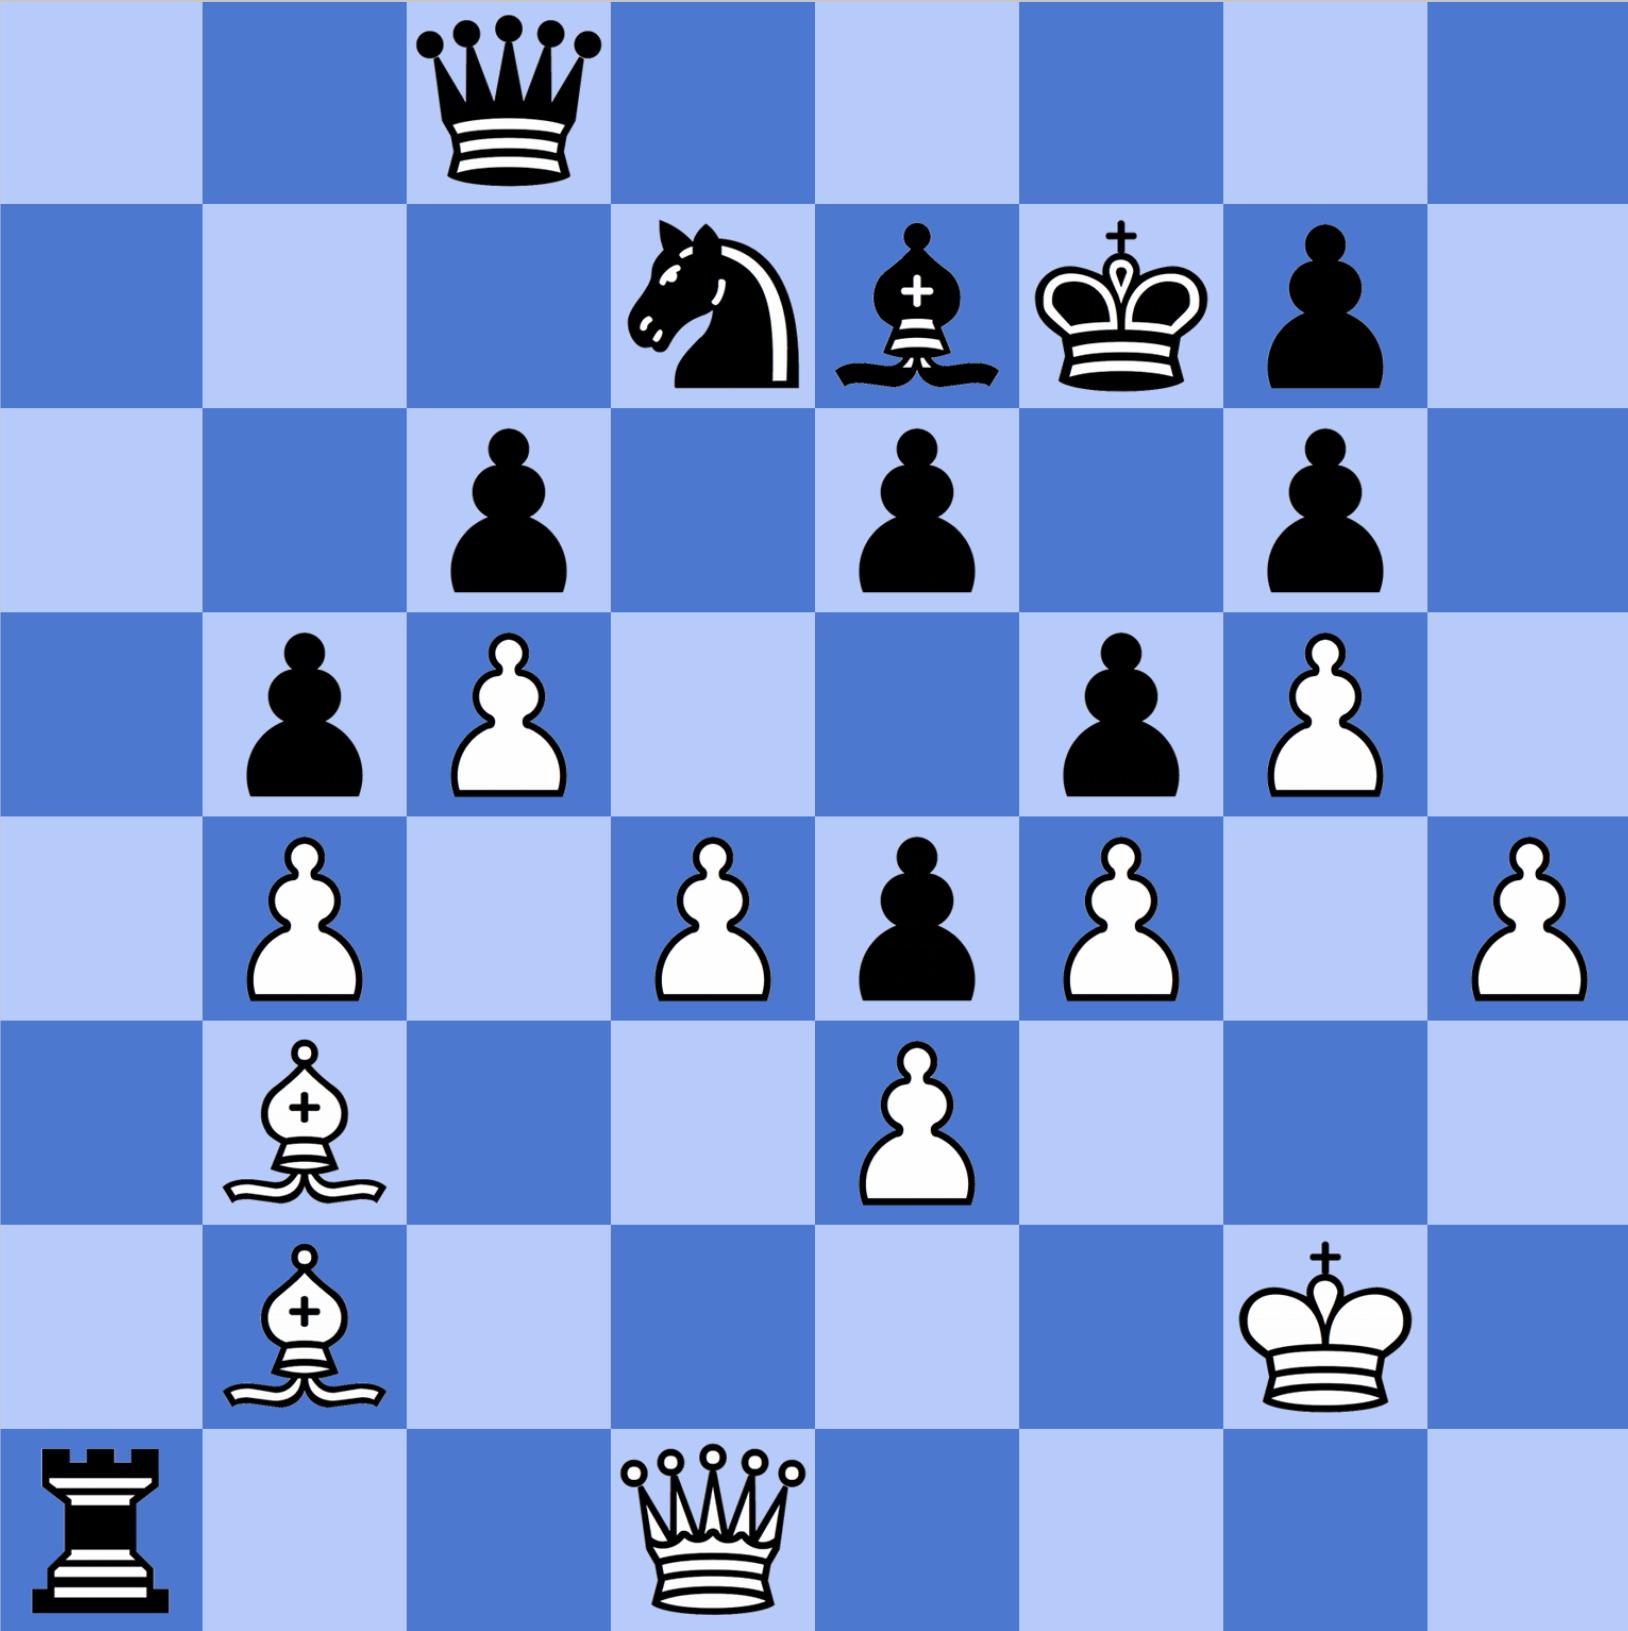 37438A6C BC57 45F3 ABD8 1BEB4A380BA9